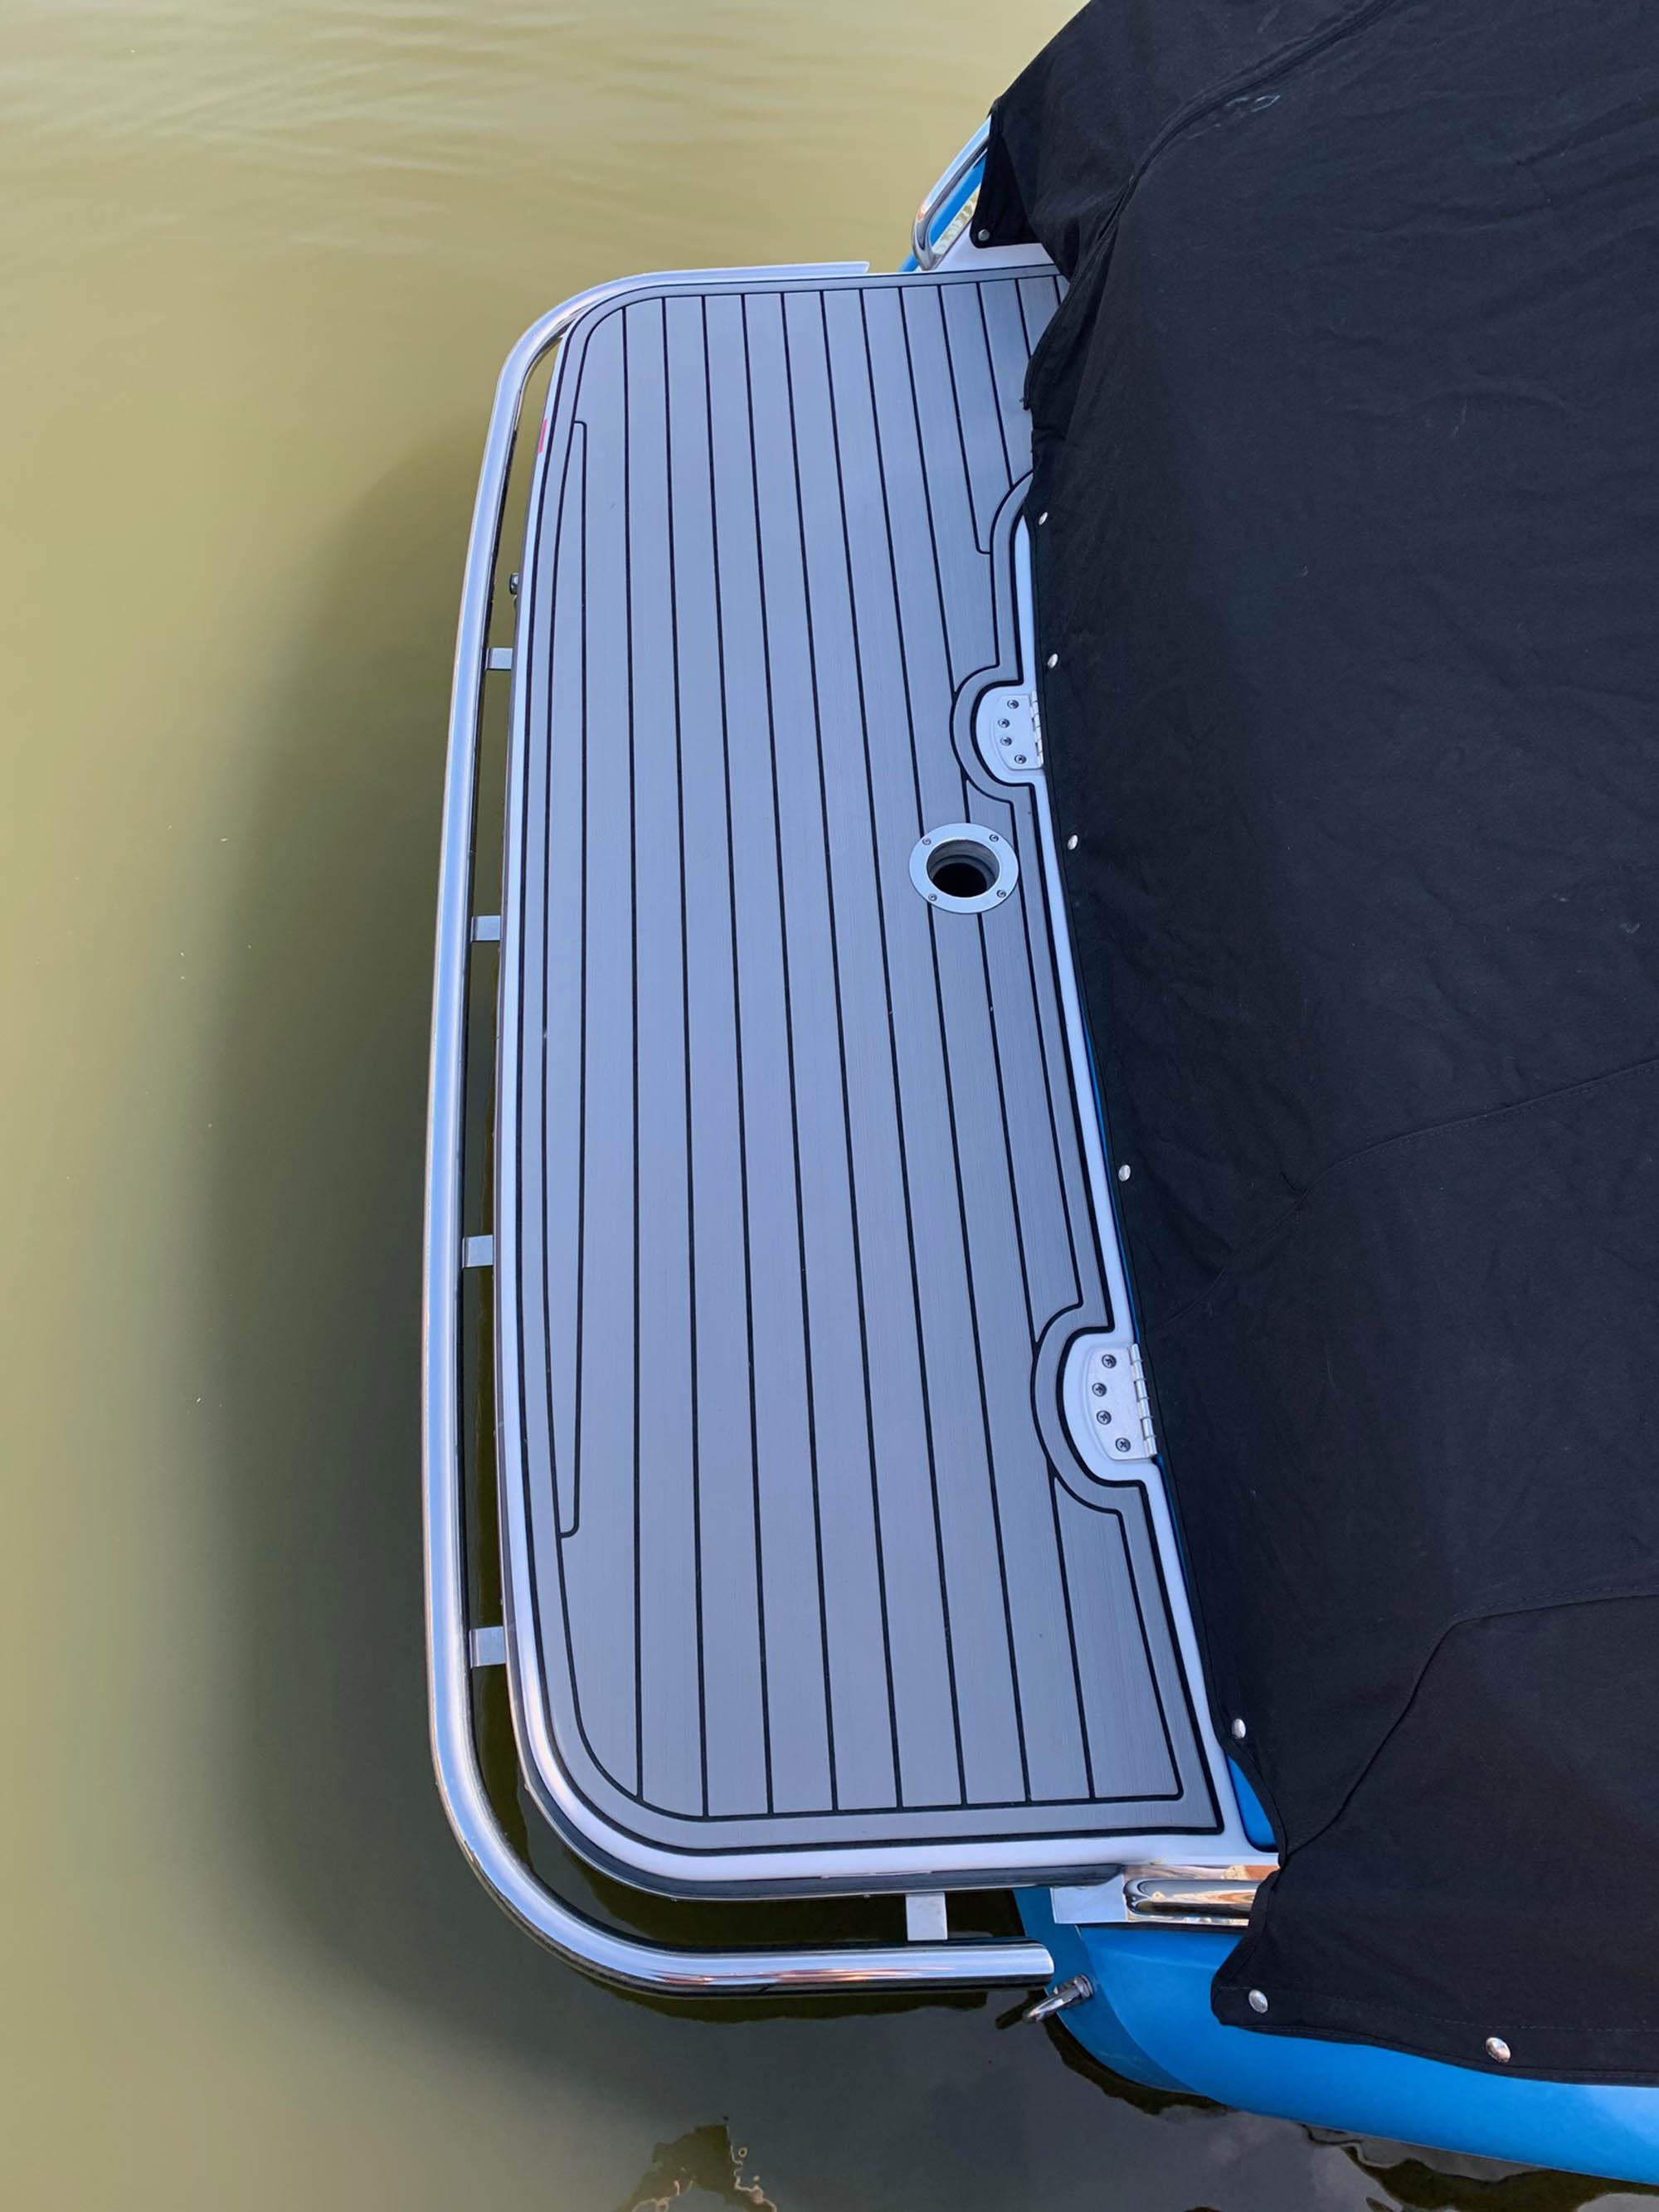 NY 5598 KM Knot 10 Yacht Sales